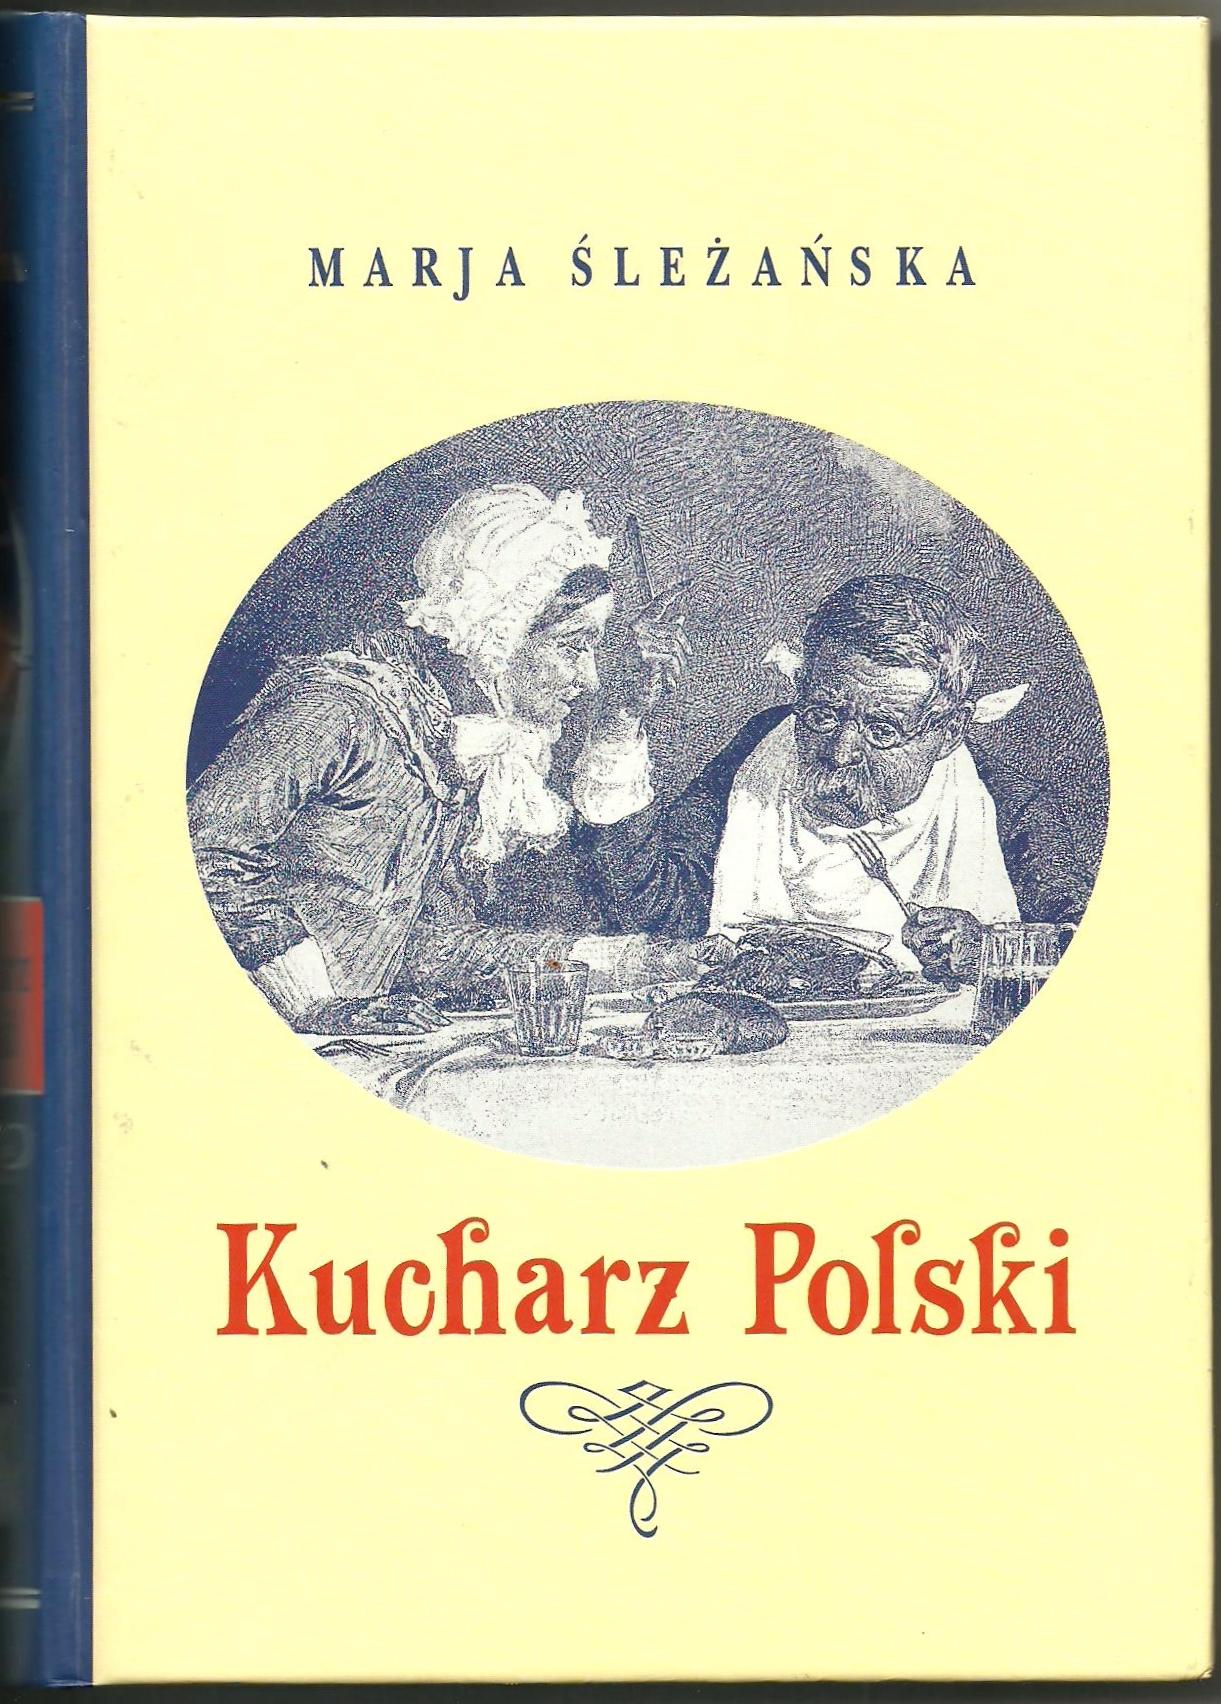 KucharzPolski